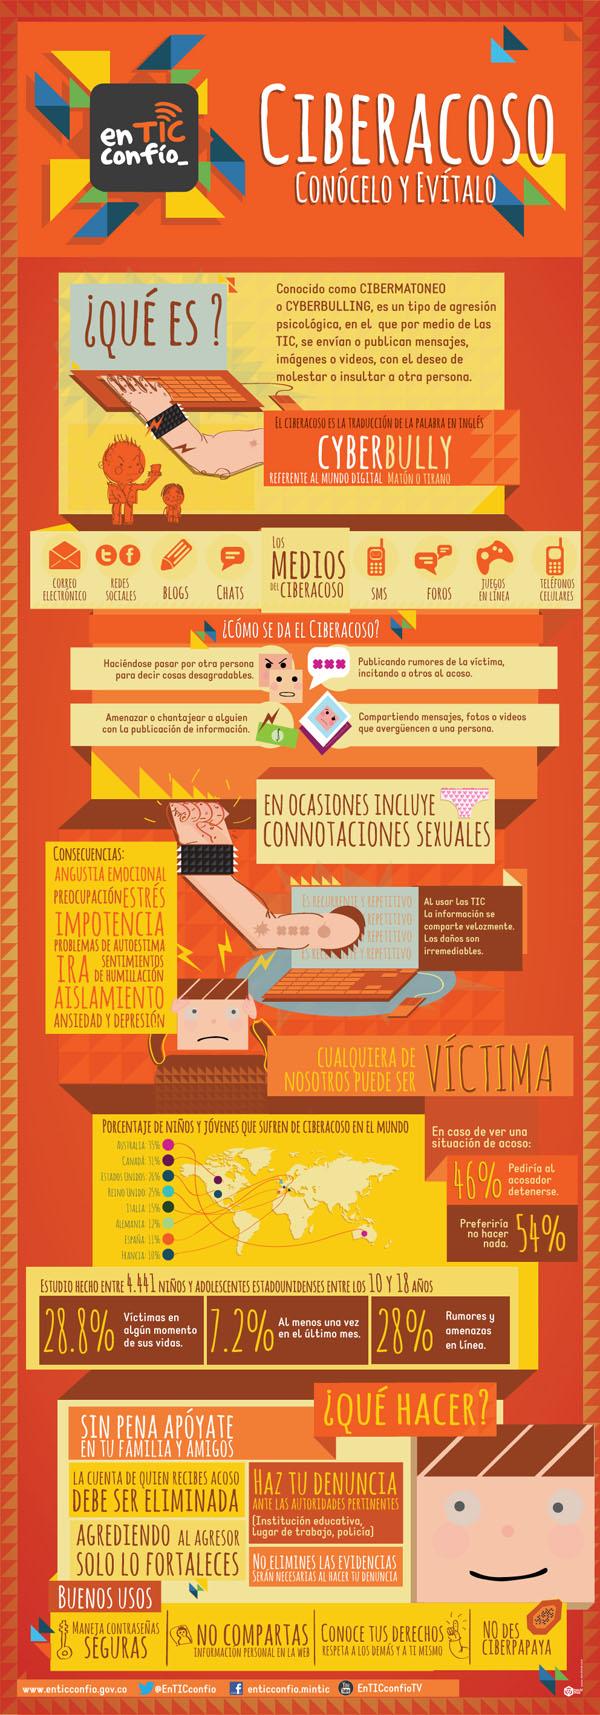 infografia ciberacoso